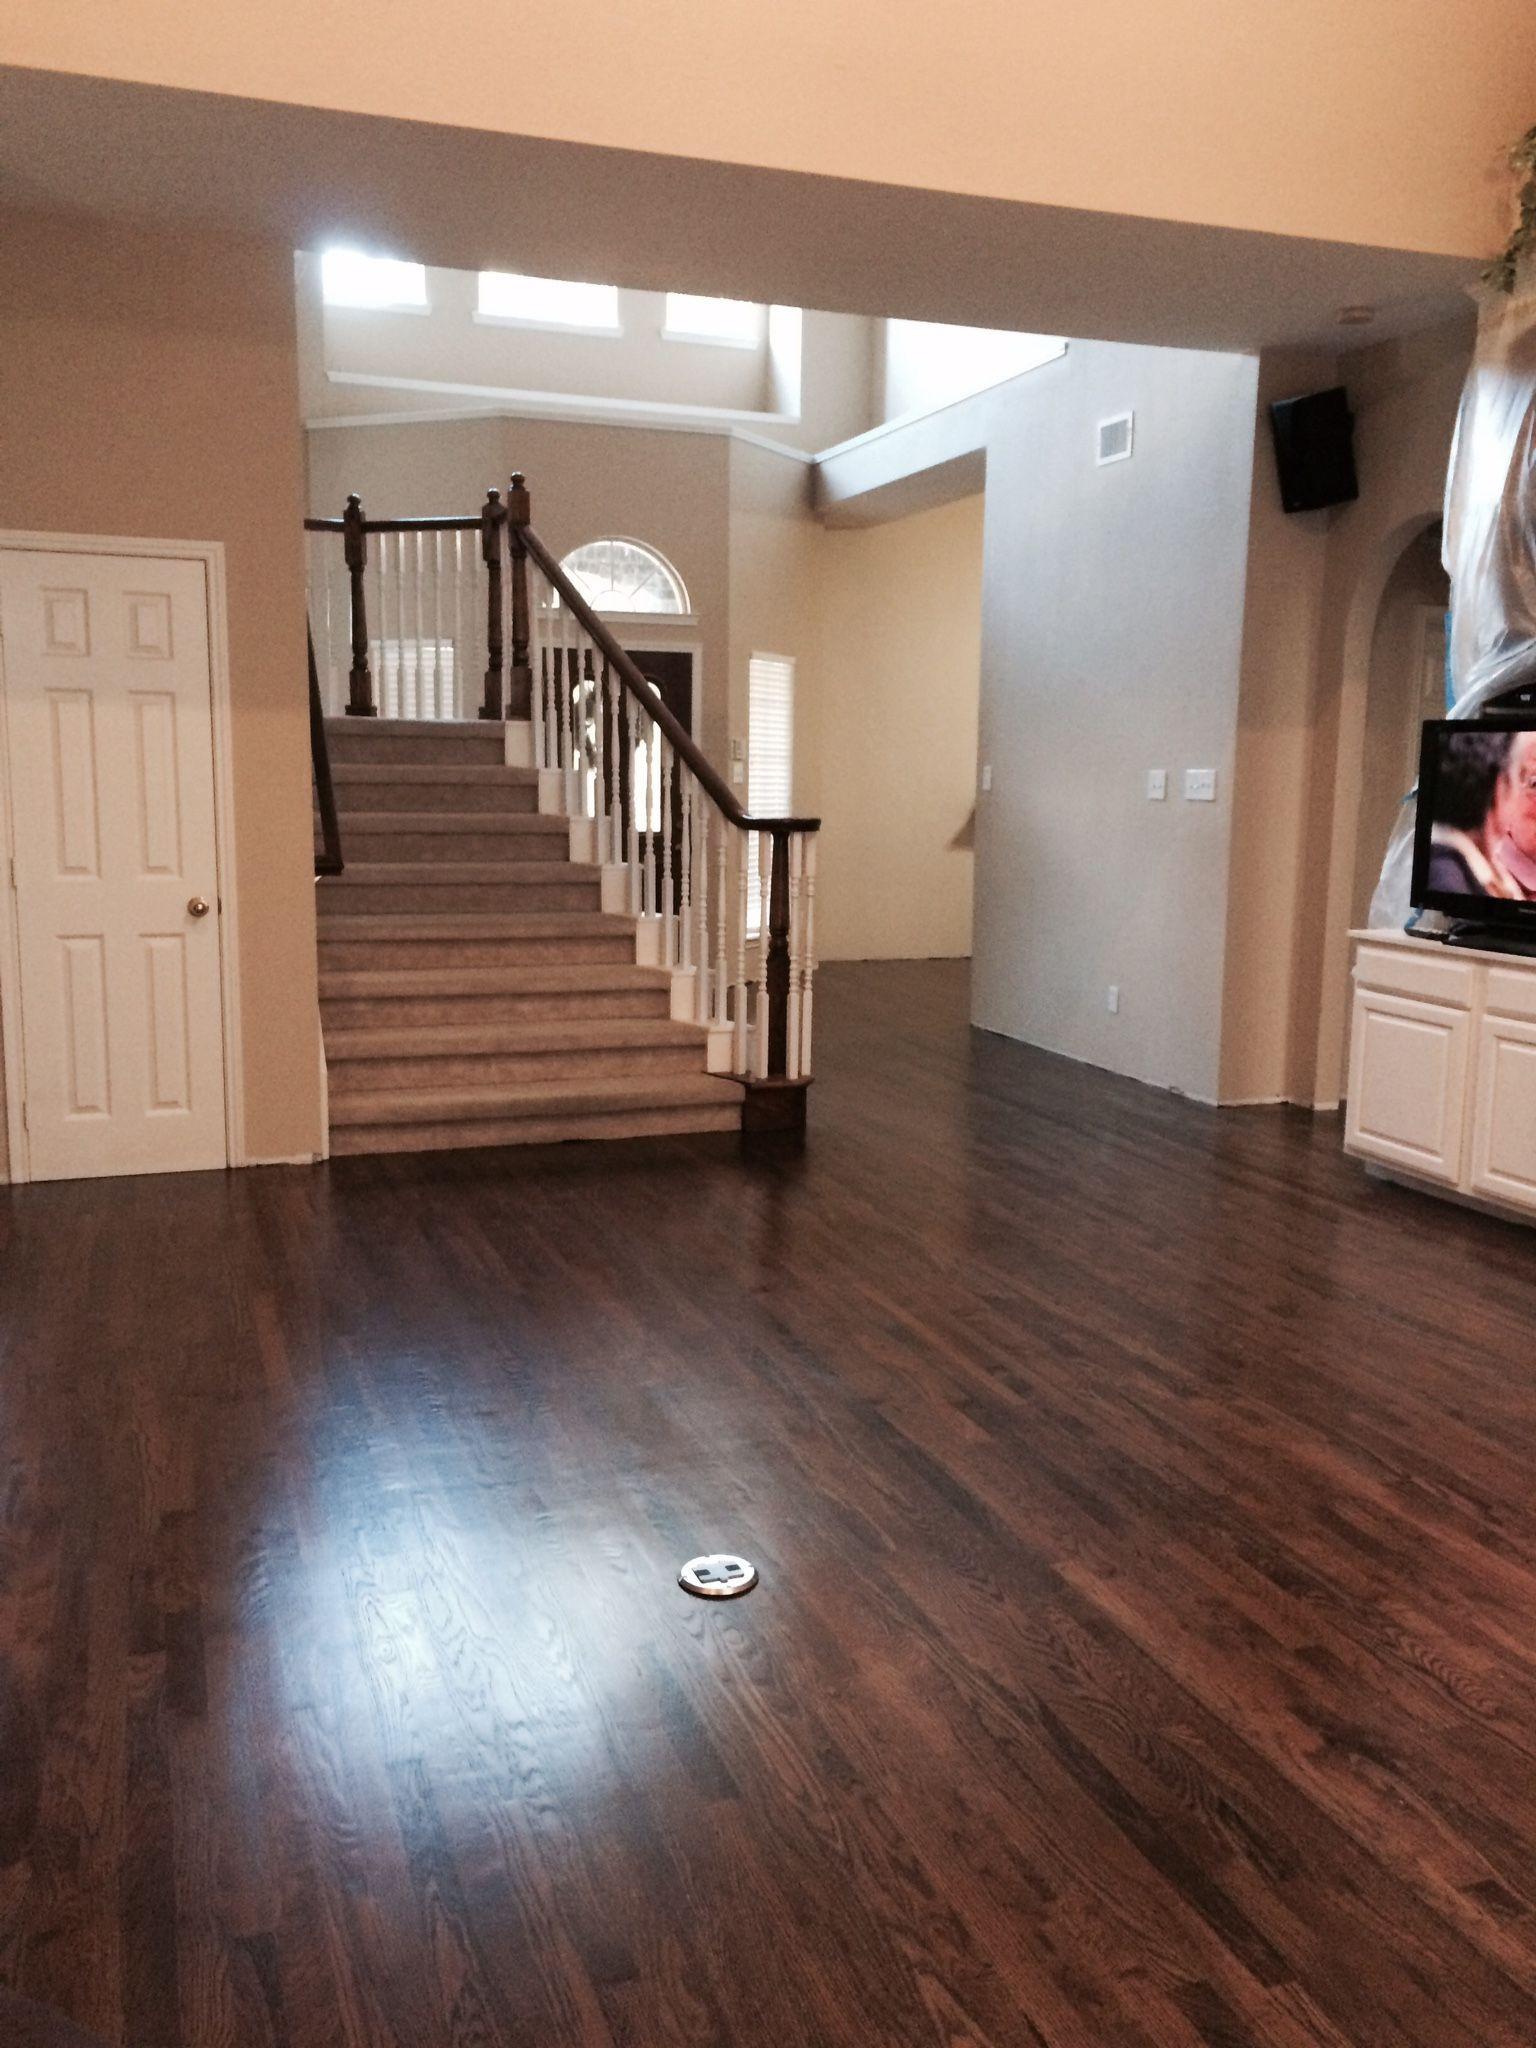 hardwood floor stain color chart of dark walnut stain on white oak hardwood remodel 1floors in 2018 within dark walnut stain on white oak hardwood walnut hardwood flooring hardwood floor stain colors